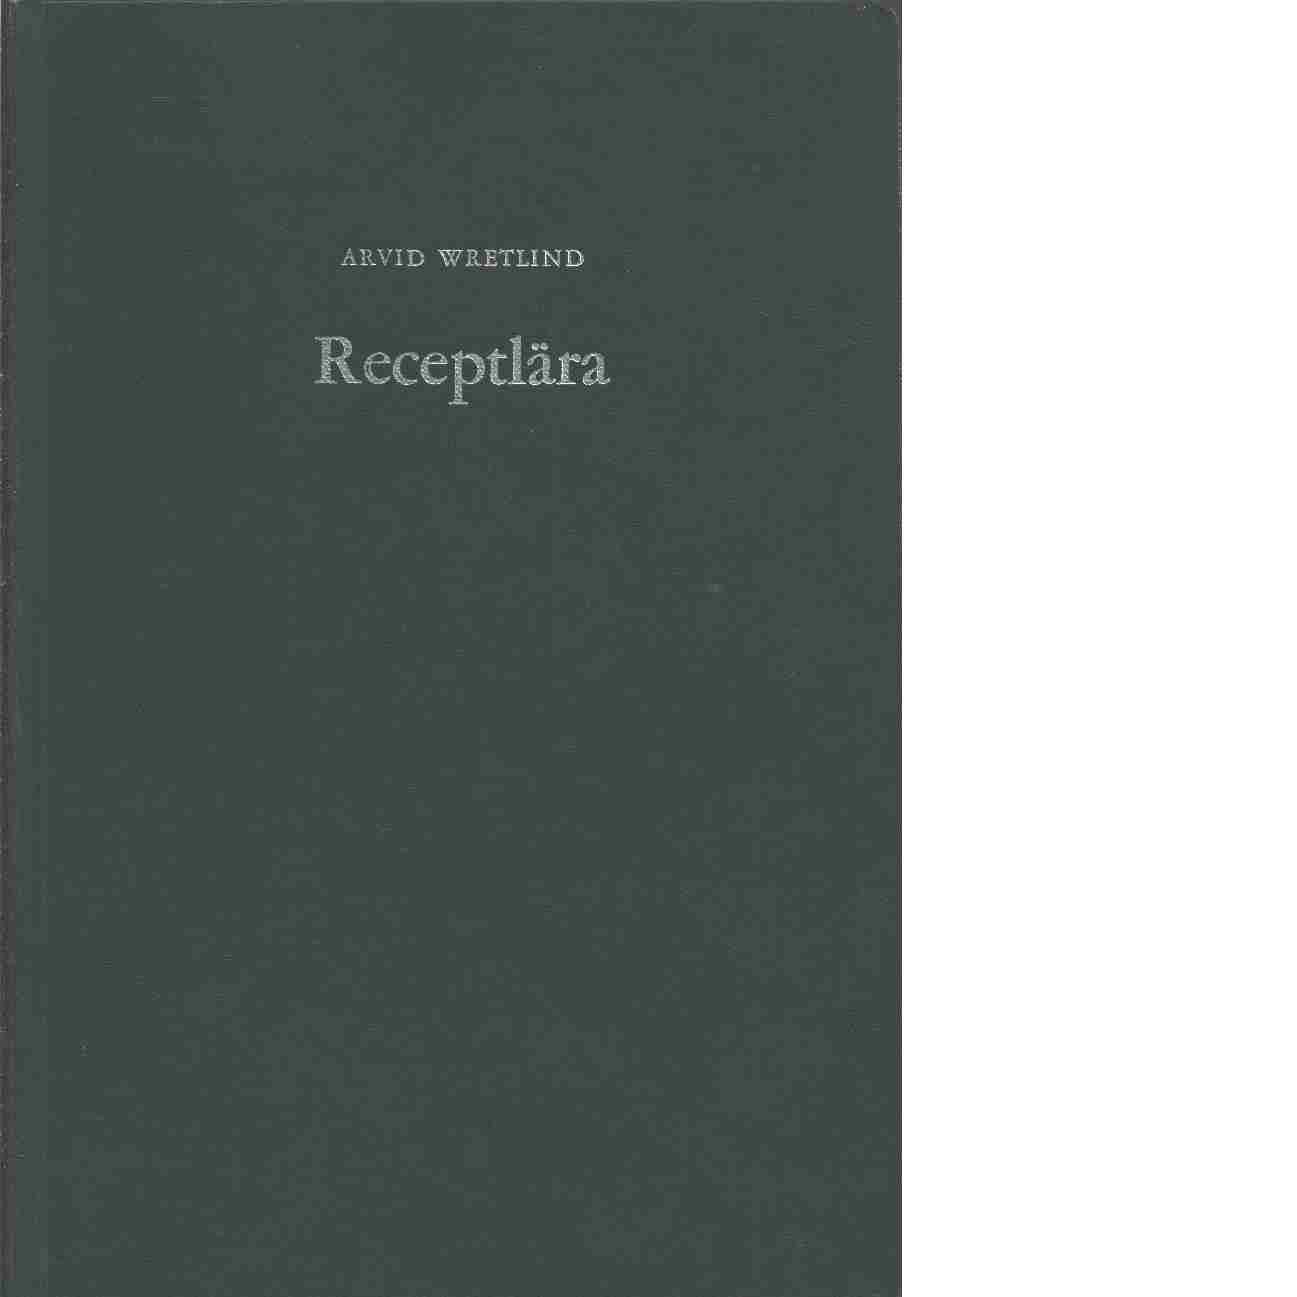 Receptlära - Wretlind, Arvid